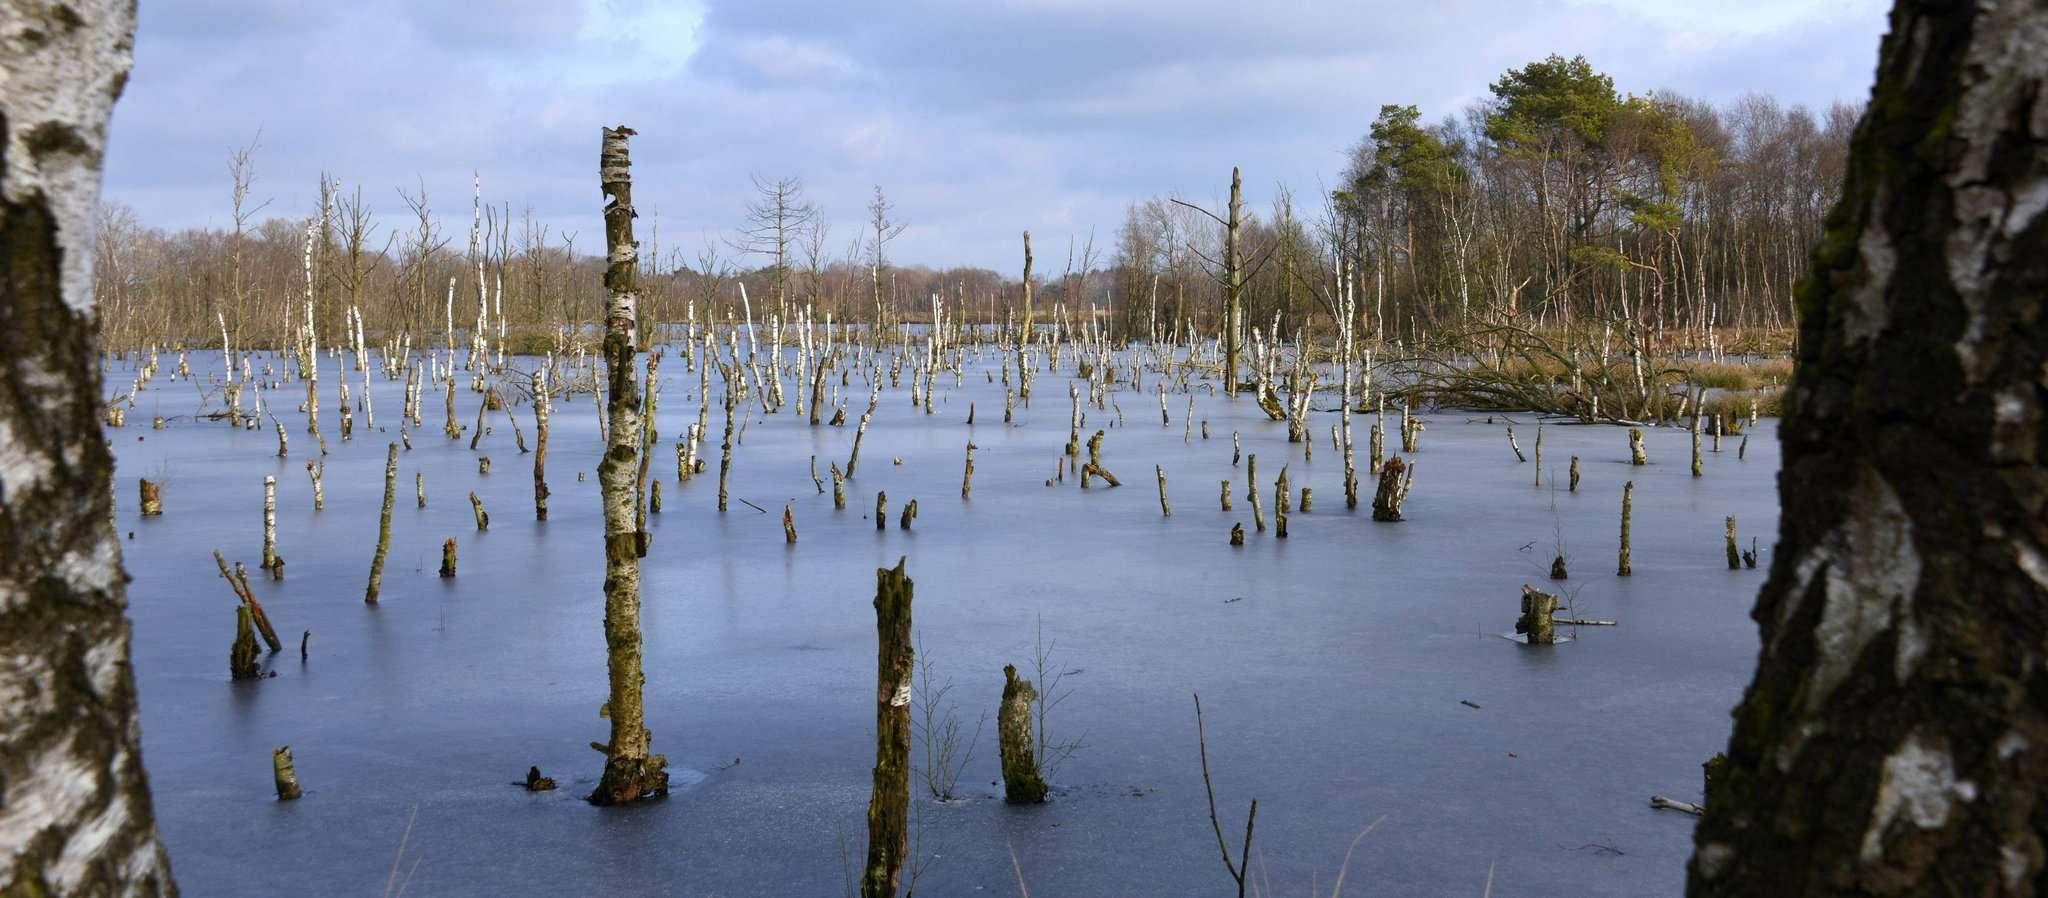 Das Hohe Moor ist eine über rund 6.000 Jahre aus Torfmoosen gewachsene Landschaft. Erst vor gut 200 Jahren entdeckten die Menschen das Moor für sich. Foto: Joachim Looks